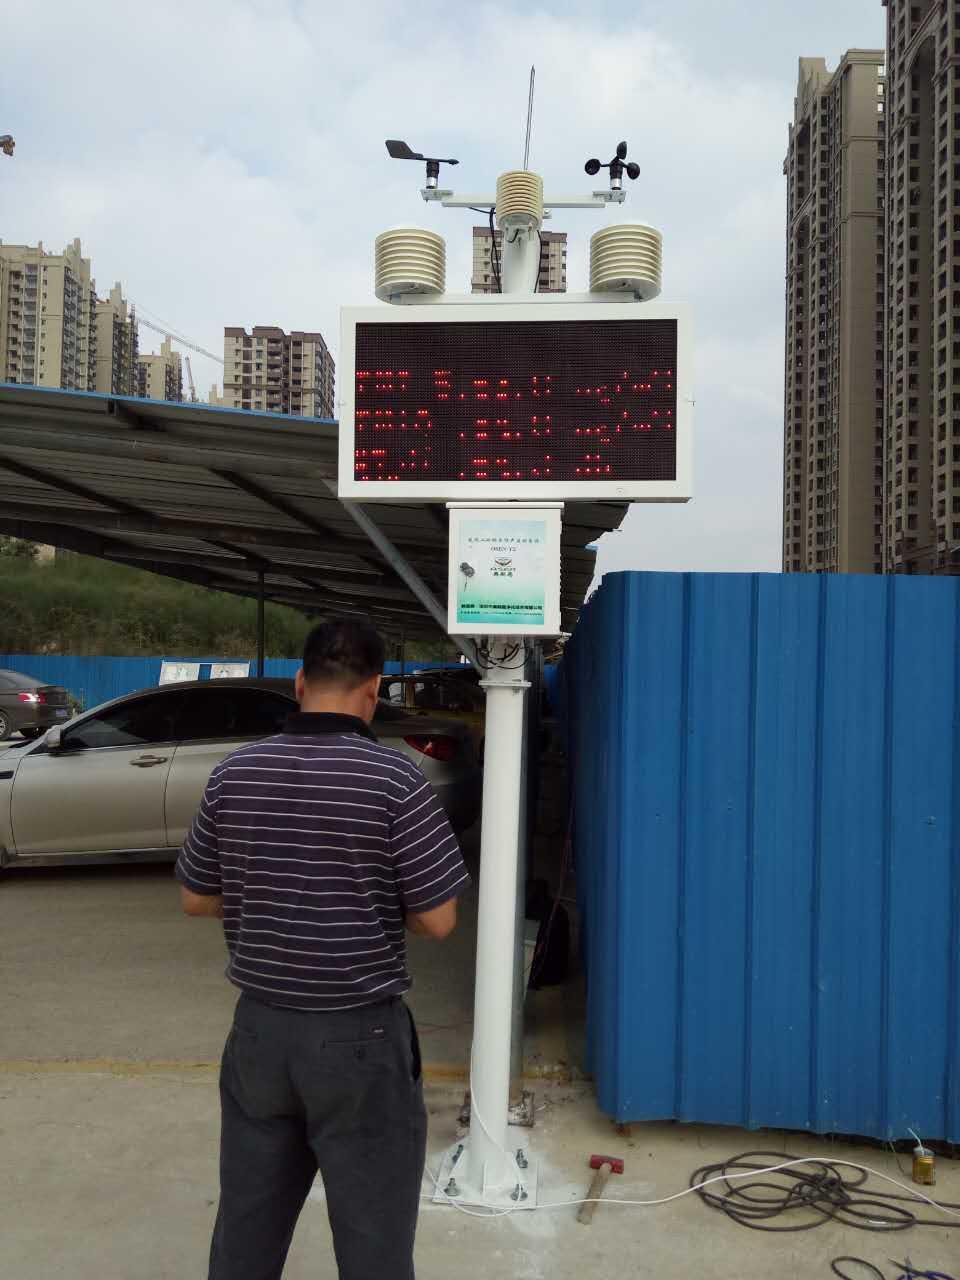 扬尘在线监测系统建筑工地PM2.5温度湿度环境噪音温度风